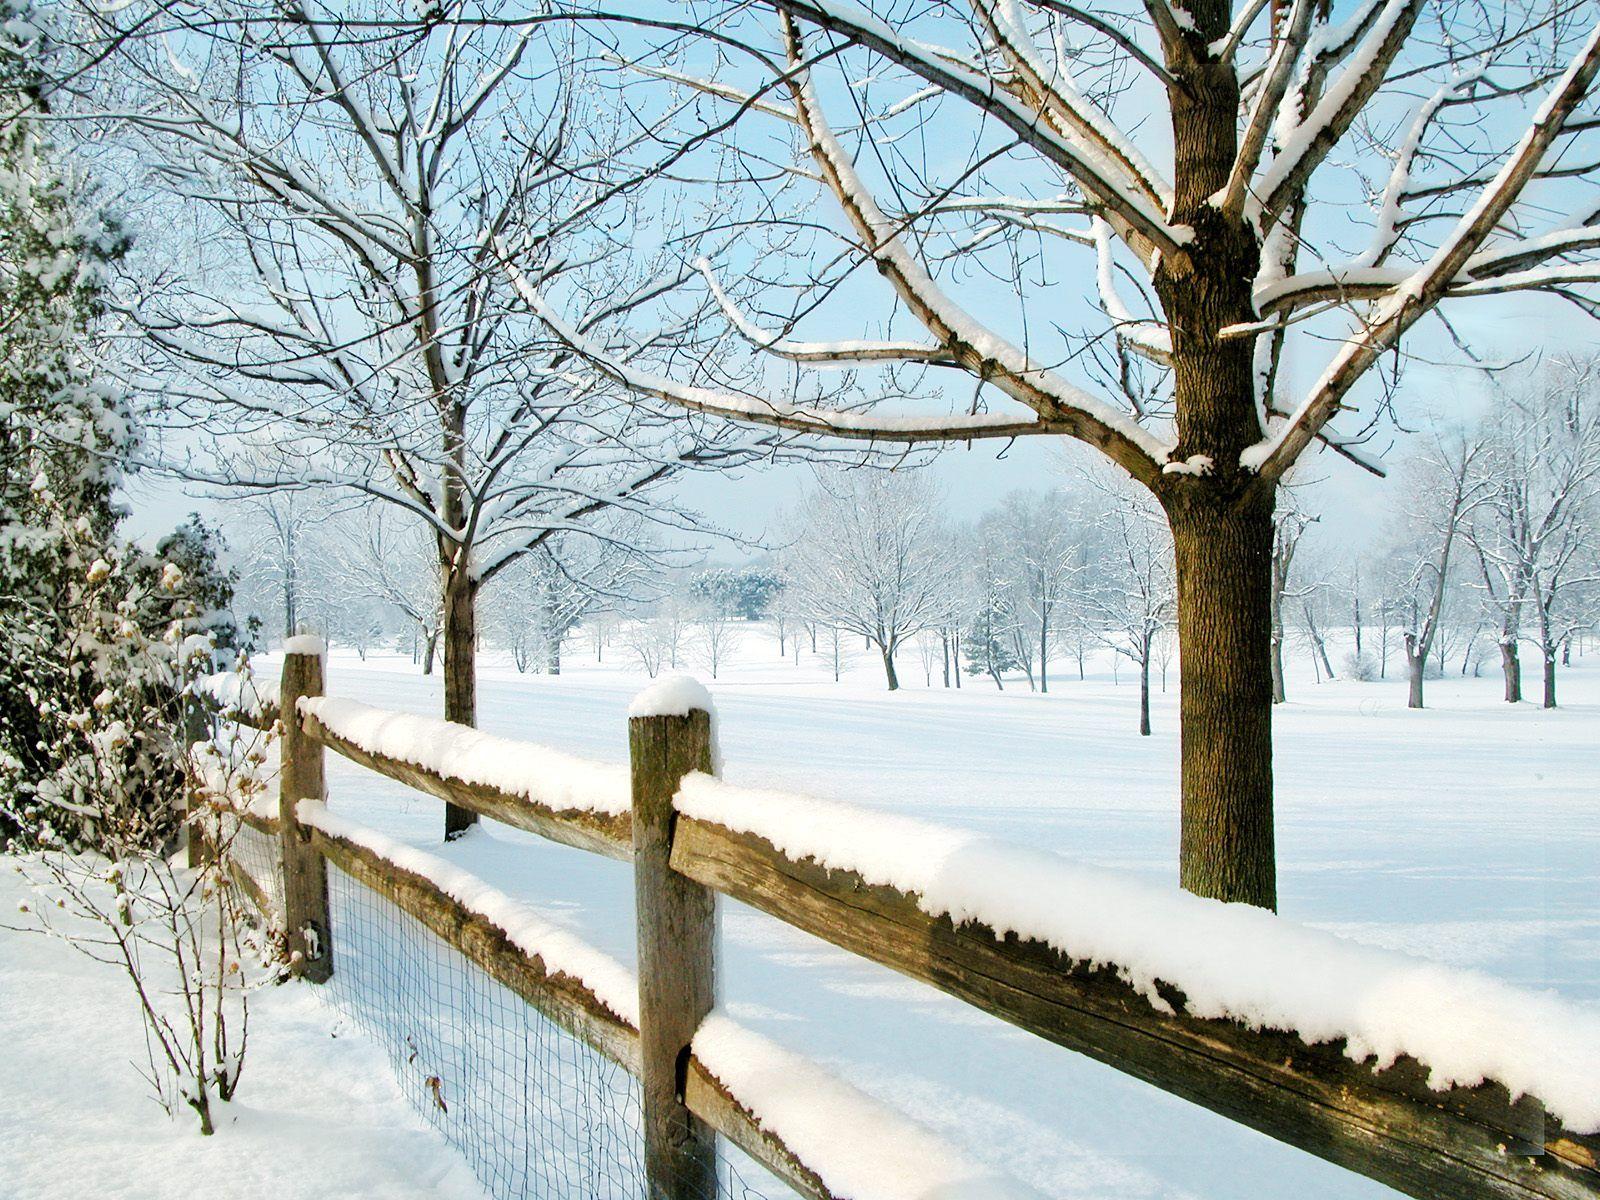 Winter Landscape Wallpaper Inspirational Wallpapers Winter 1600x1200